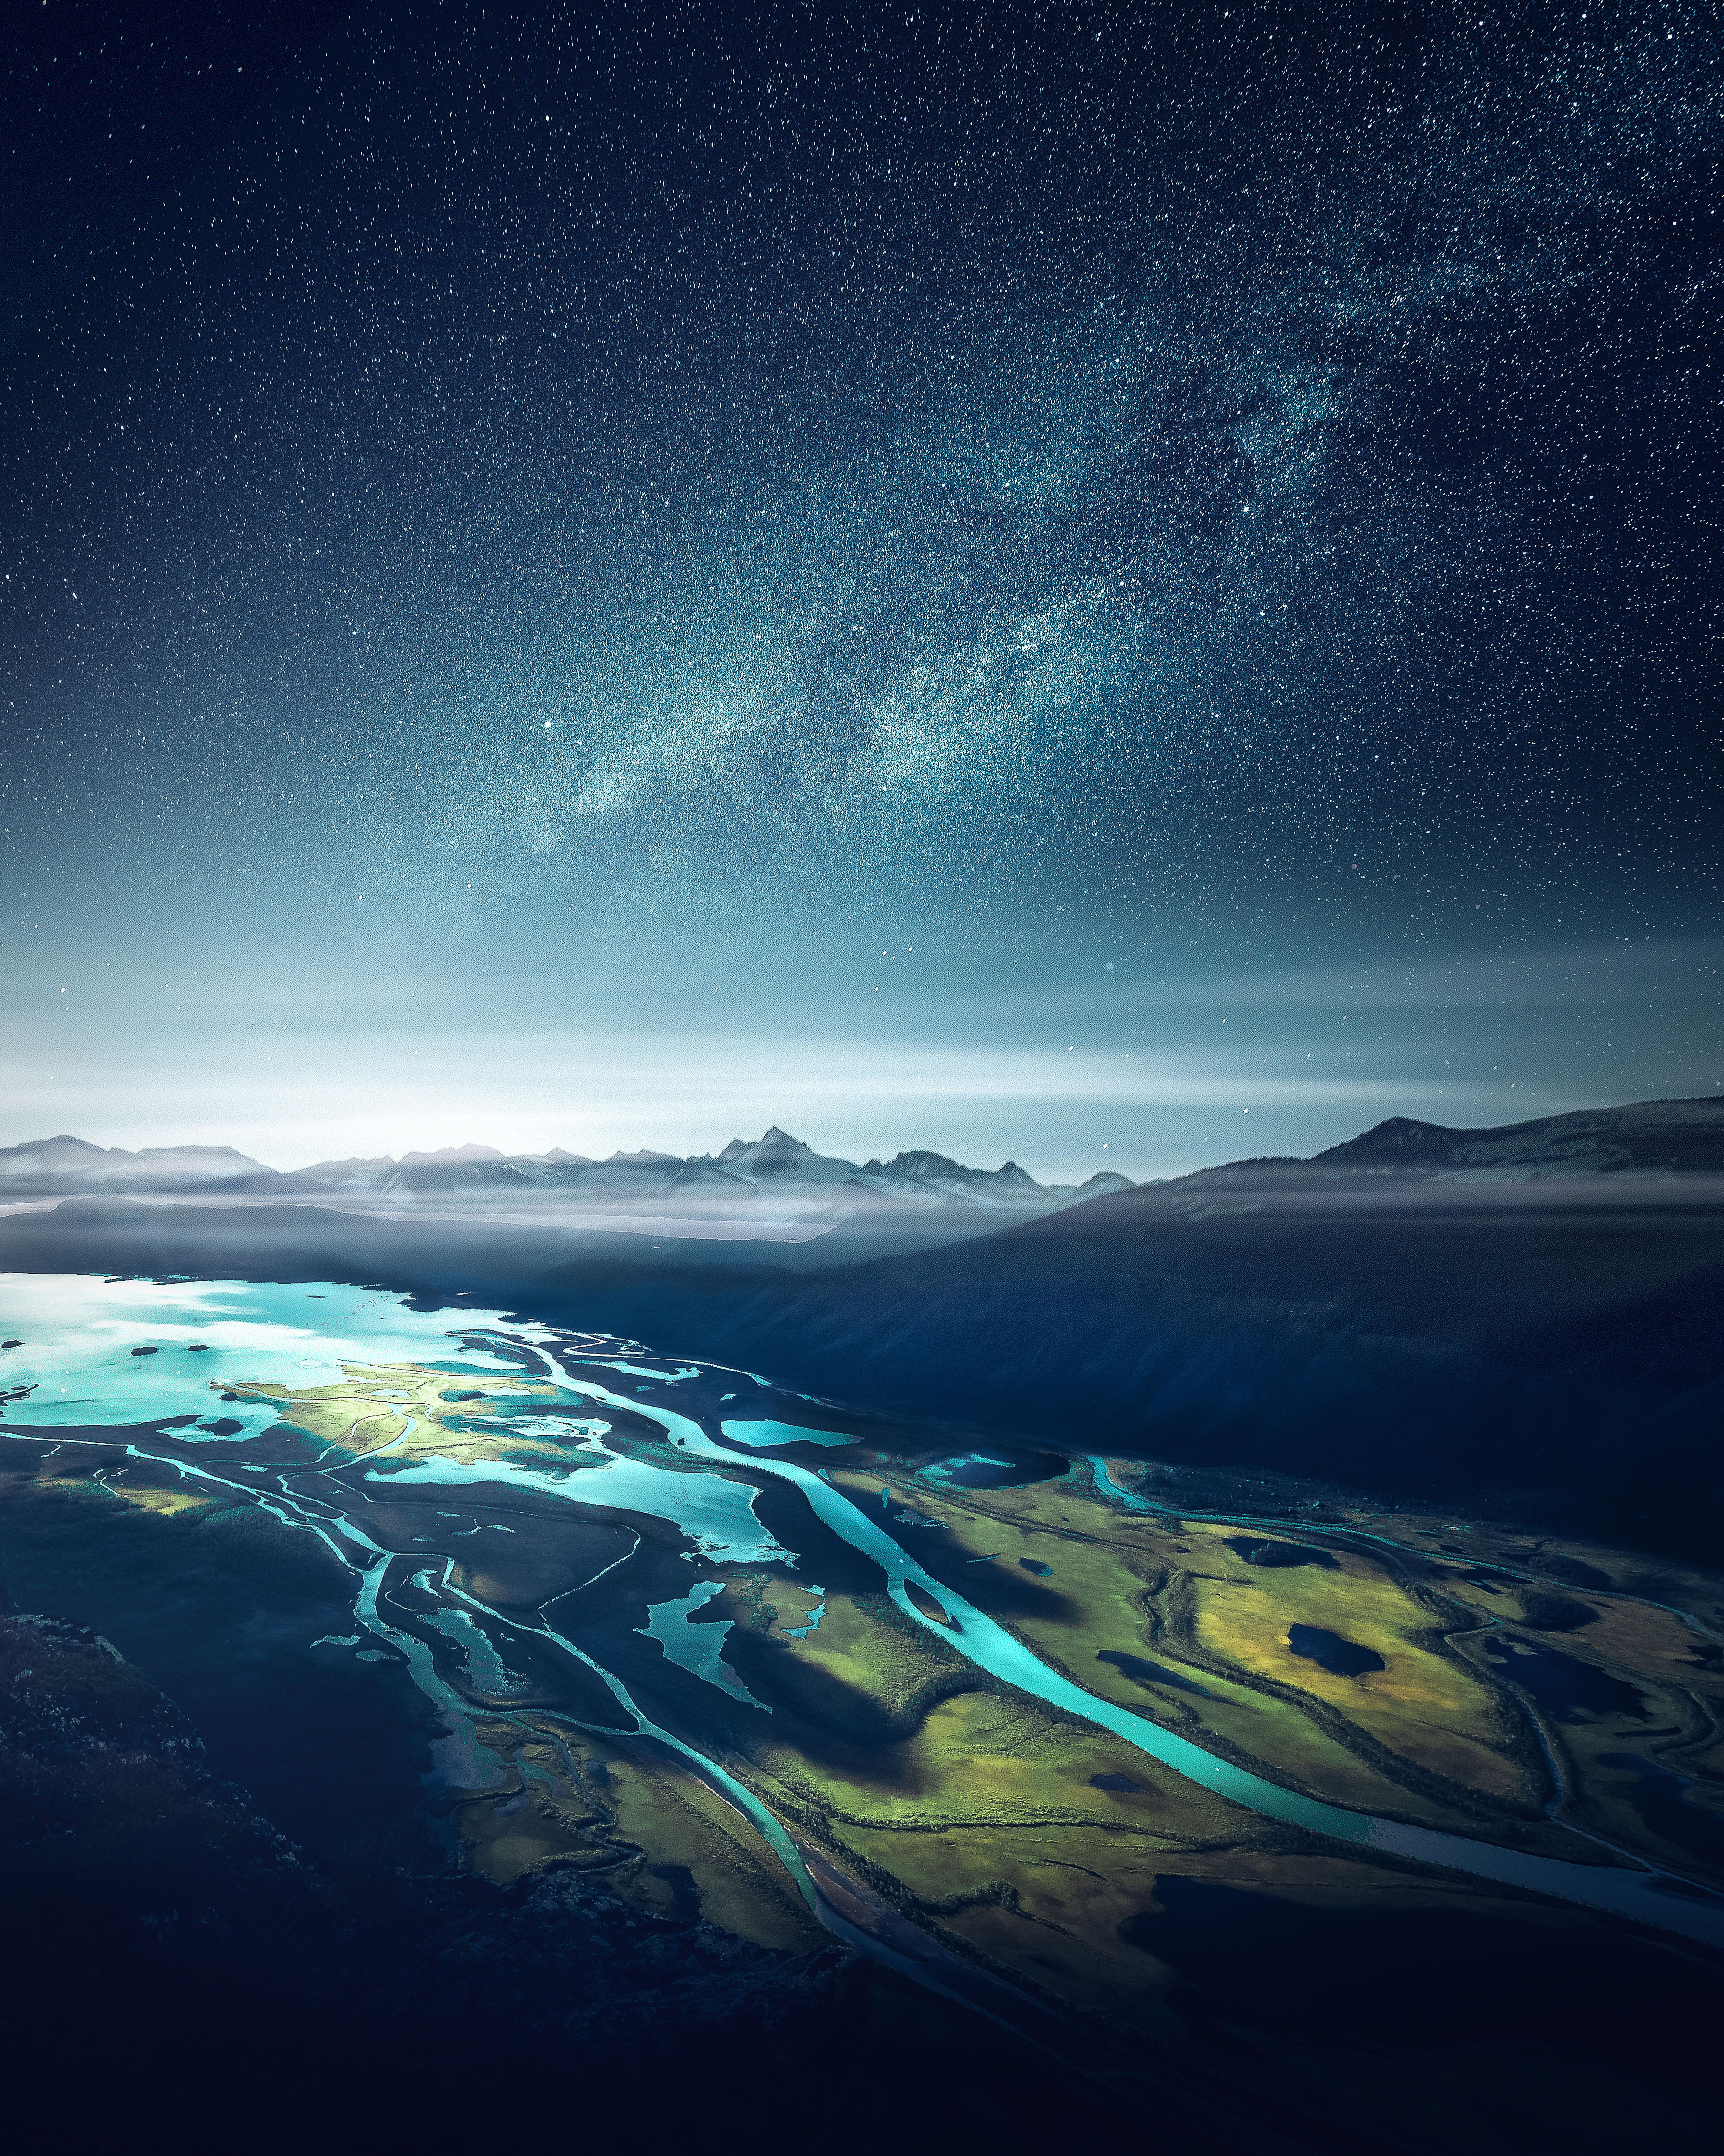 84382 Hintergrundbild herunterladen Ford, Natur, Mountains, Sternenhimmel, Mündung, Die Bucht, Fjord, Fiord - Bildschirmschoner und Bilder kostenlos